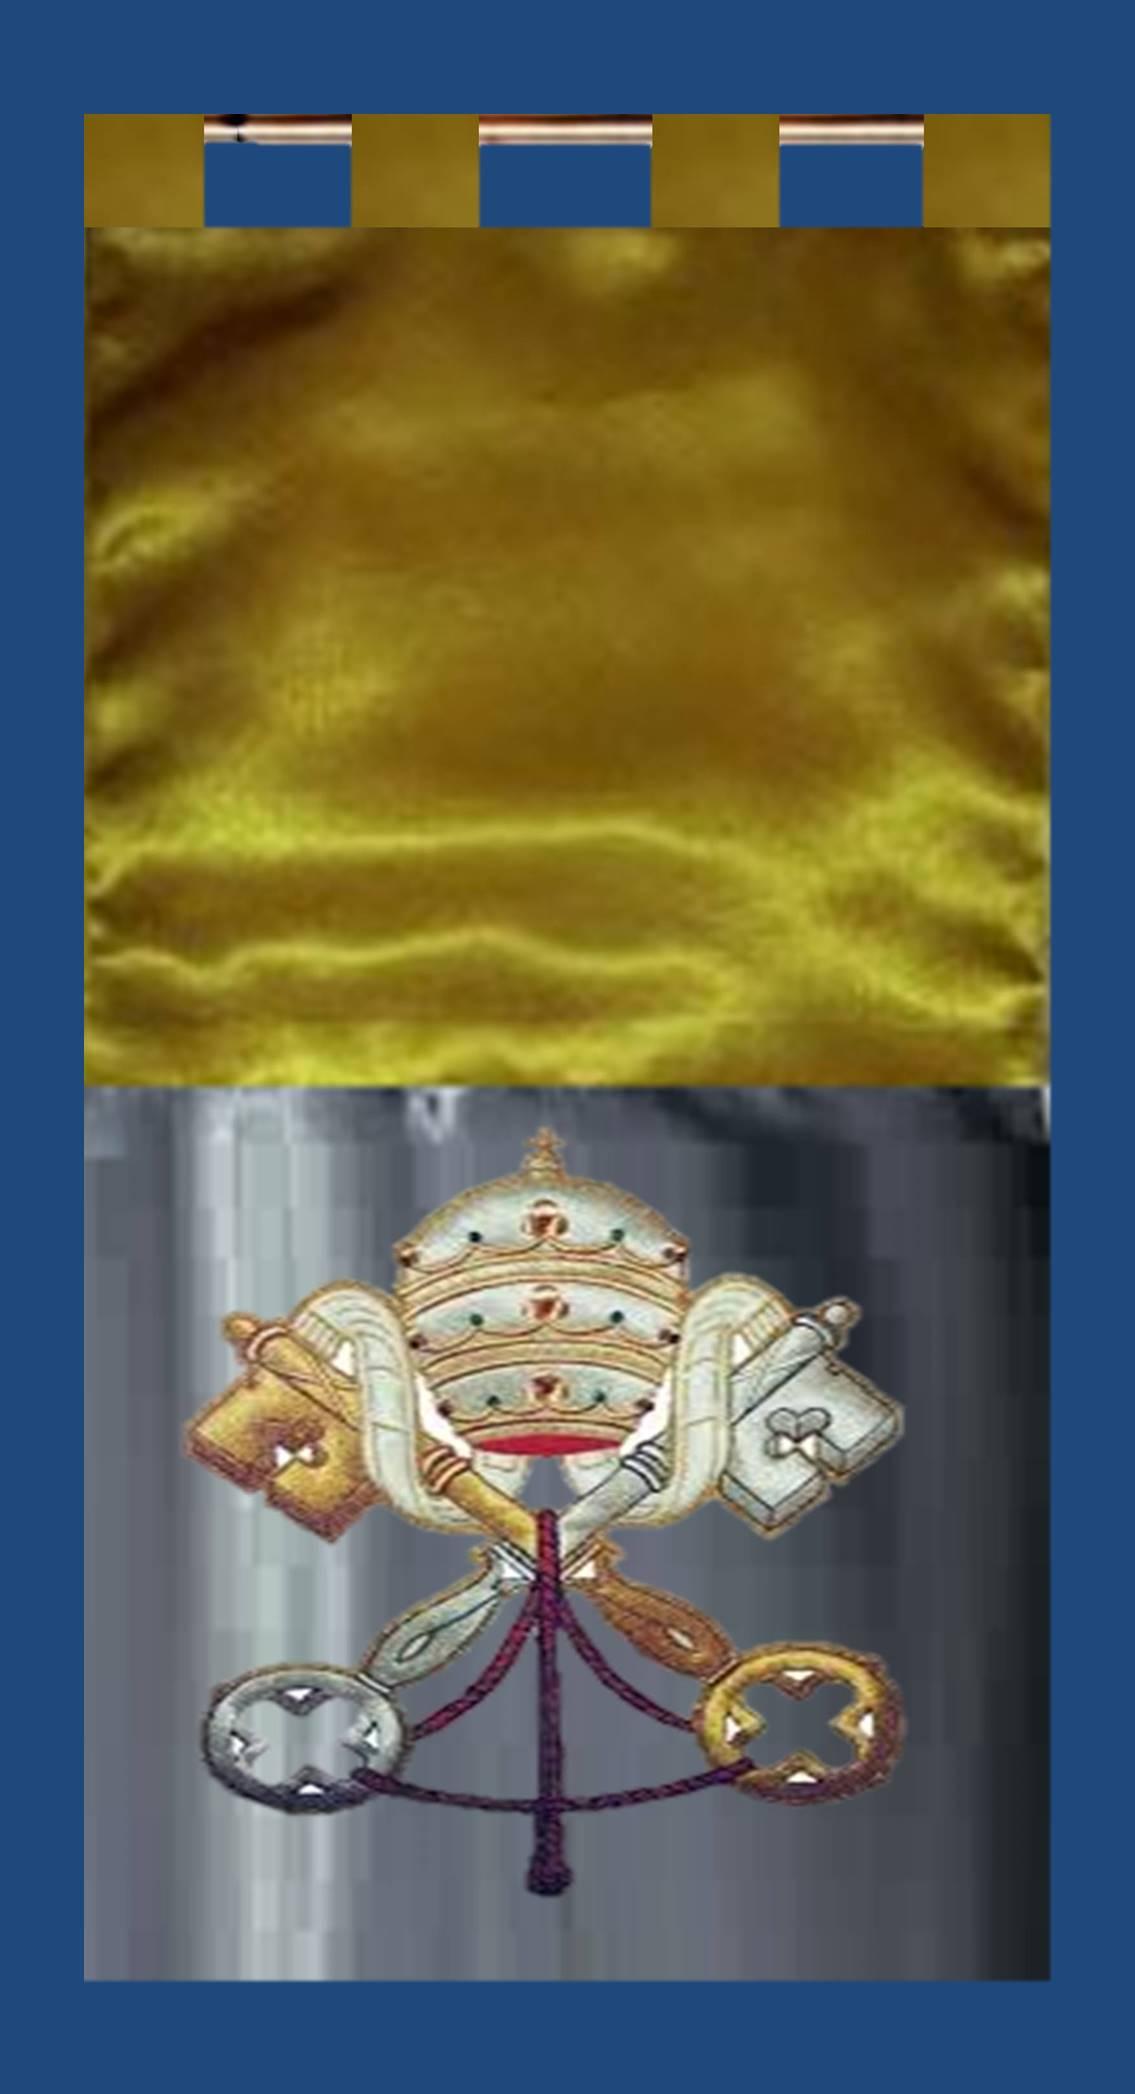 Comprar estandartes religiosos | Tienda online especializada en estandartes de Semana Santa y estandartes para Cofradías. Estandartes religiosos personalizados